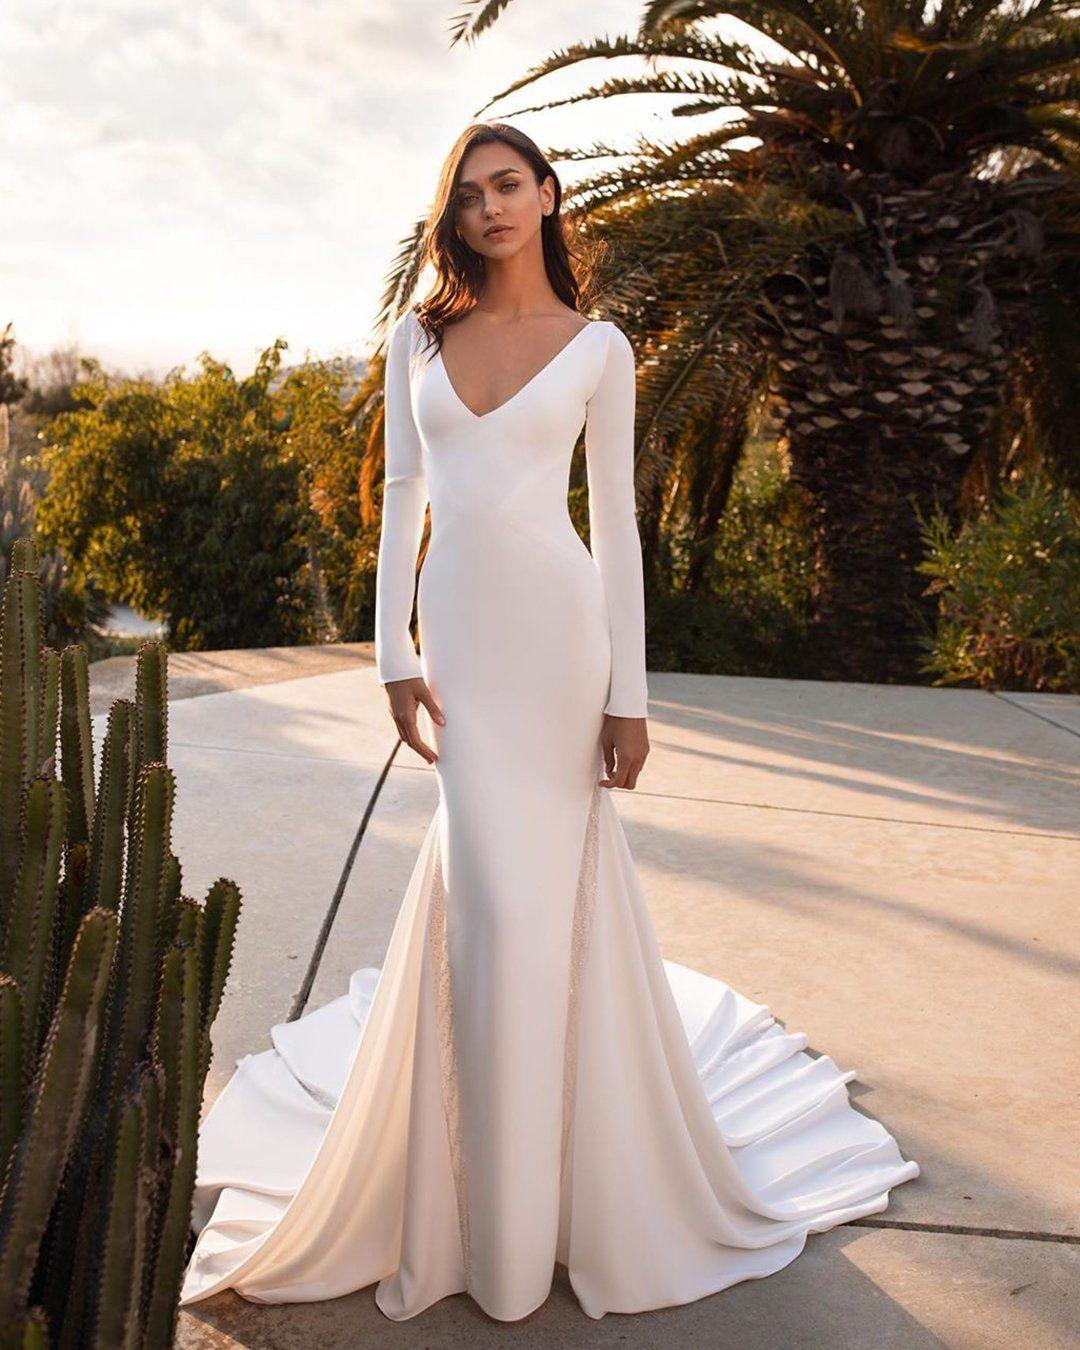 30 Simple Wedding Dresses For Elegant Brides In 2021 Ivory Wedding Dress Wedding Dresses Simple Long Sleeve Mermaid Wedding Dress [ 1350 x 1080 Pixel ]